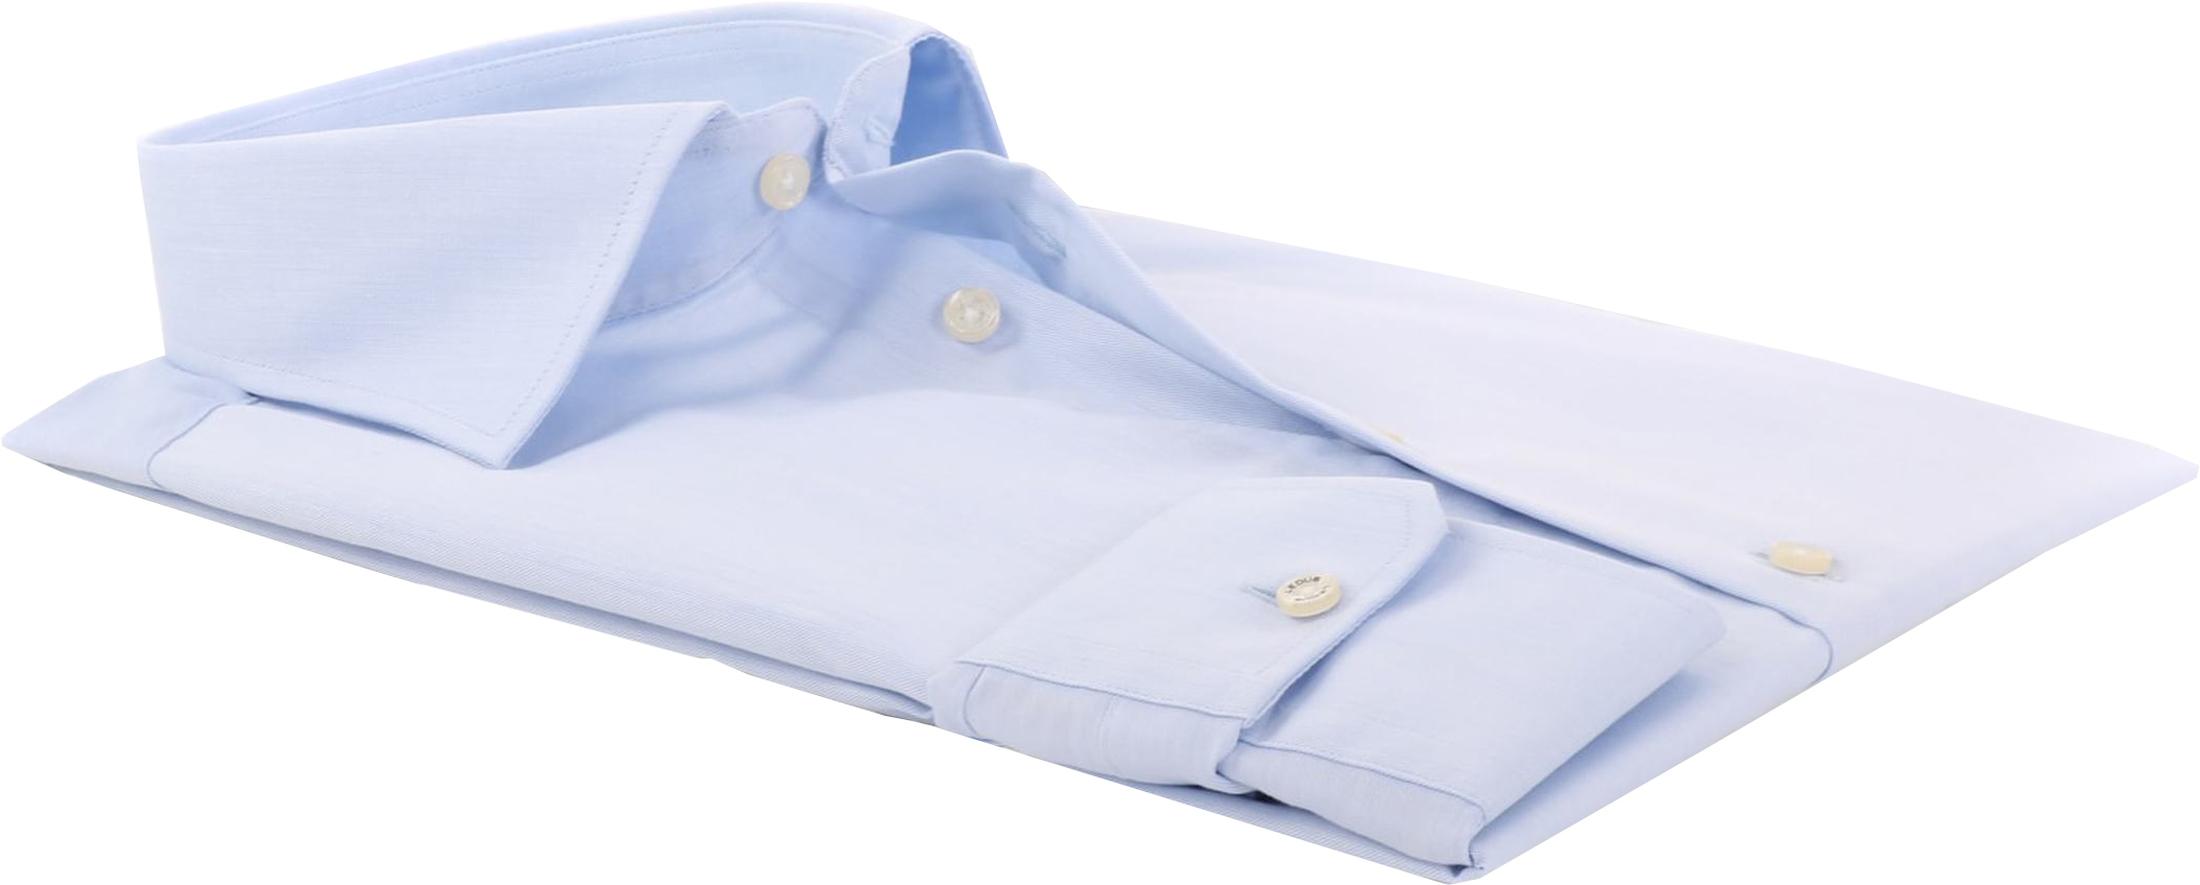 Ledub Non Iron Shirt Blue foto 2